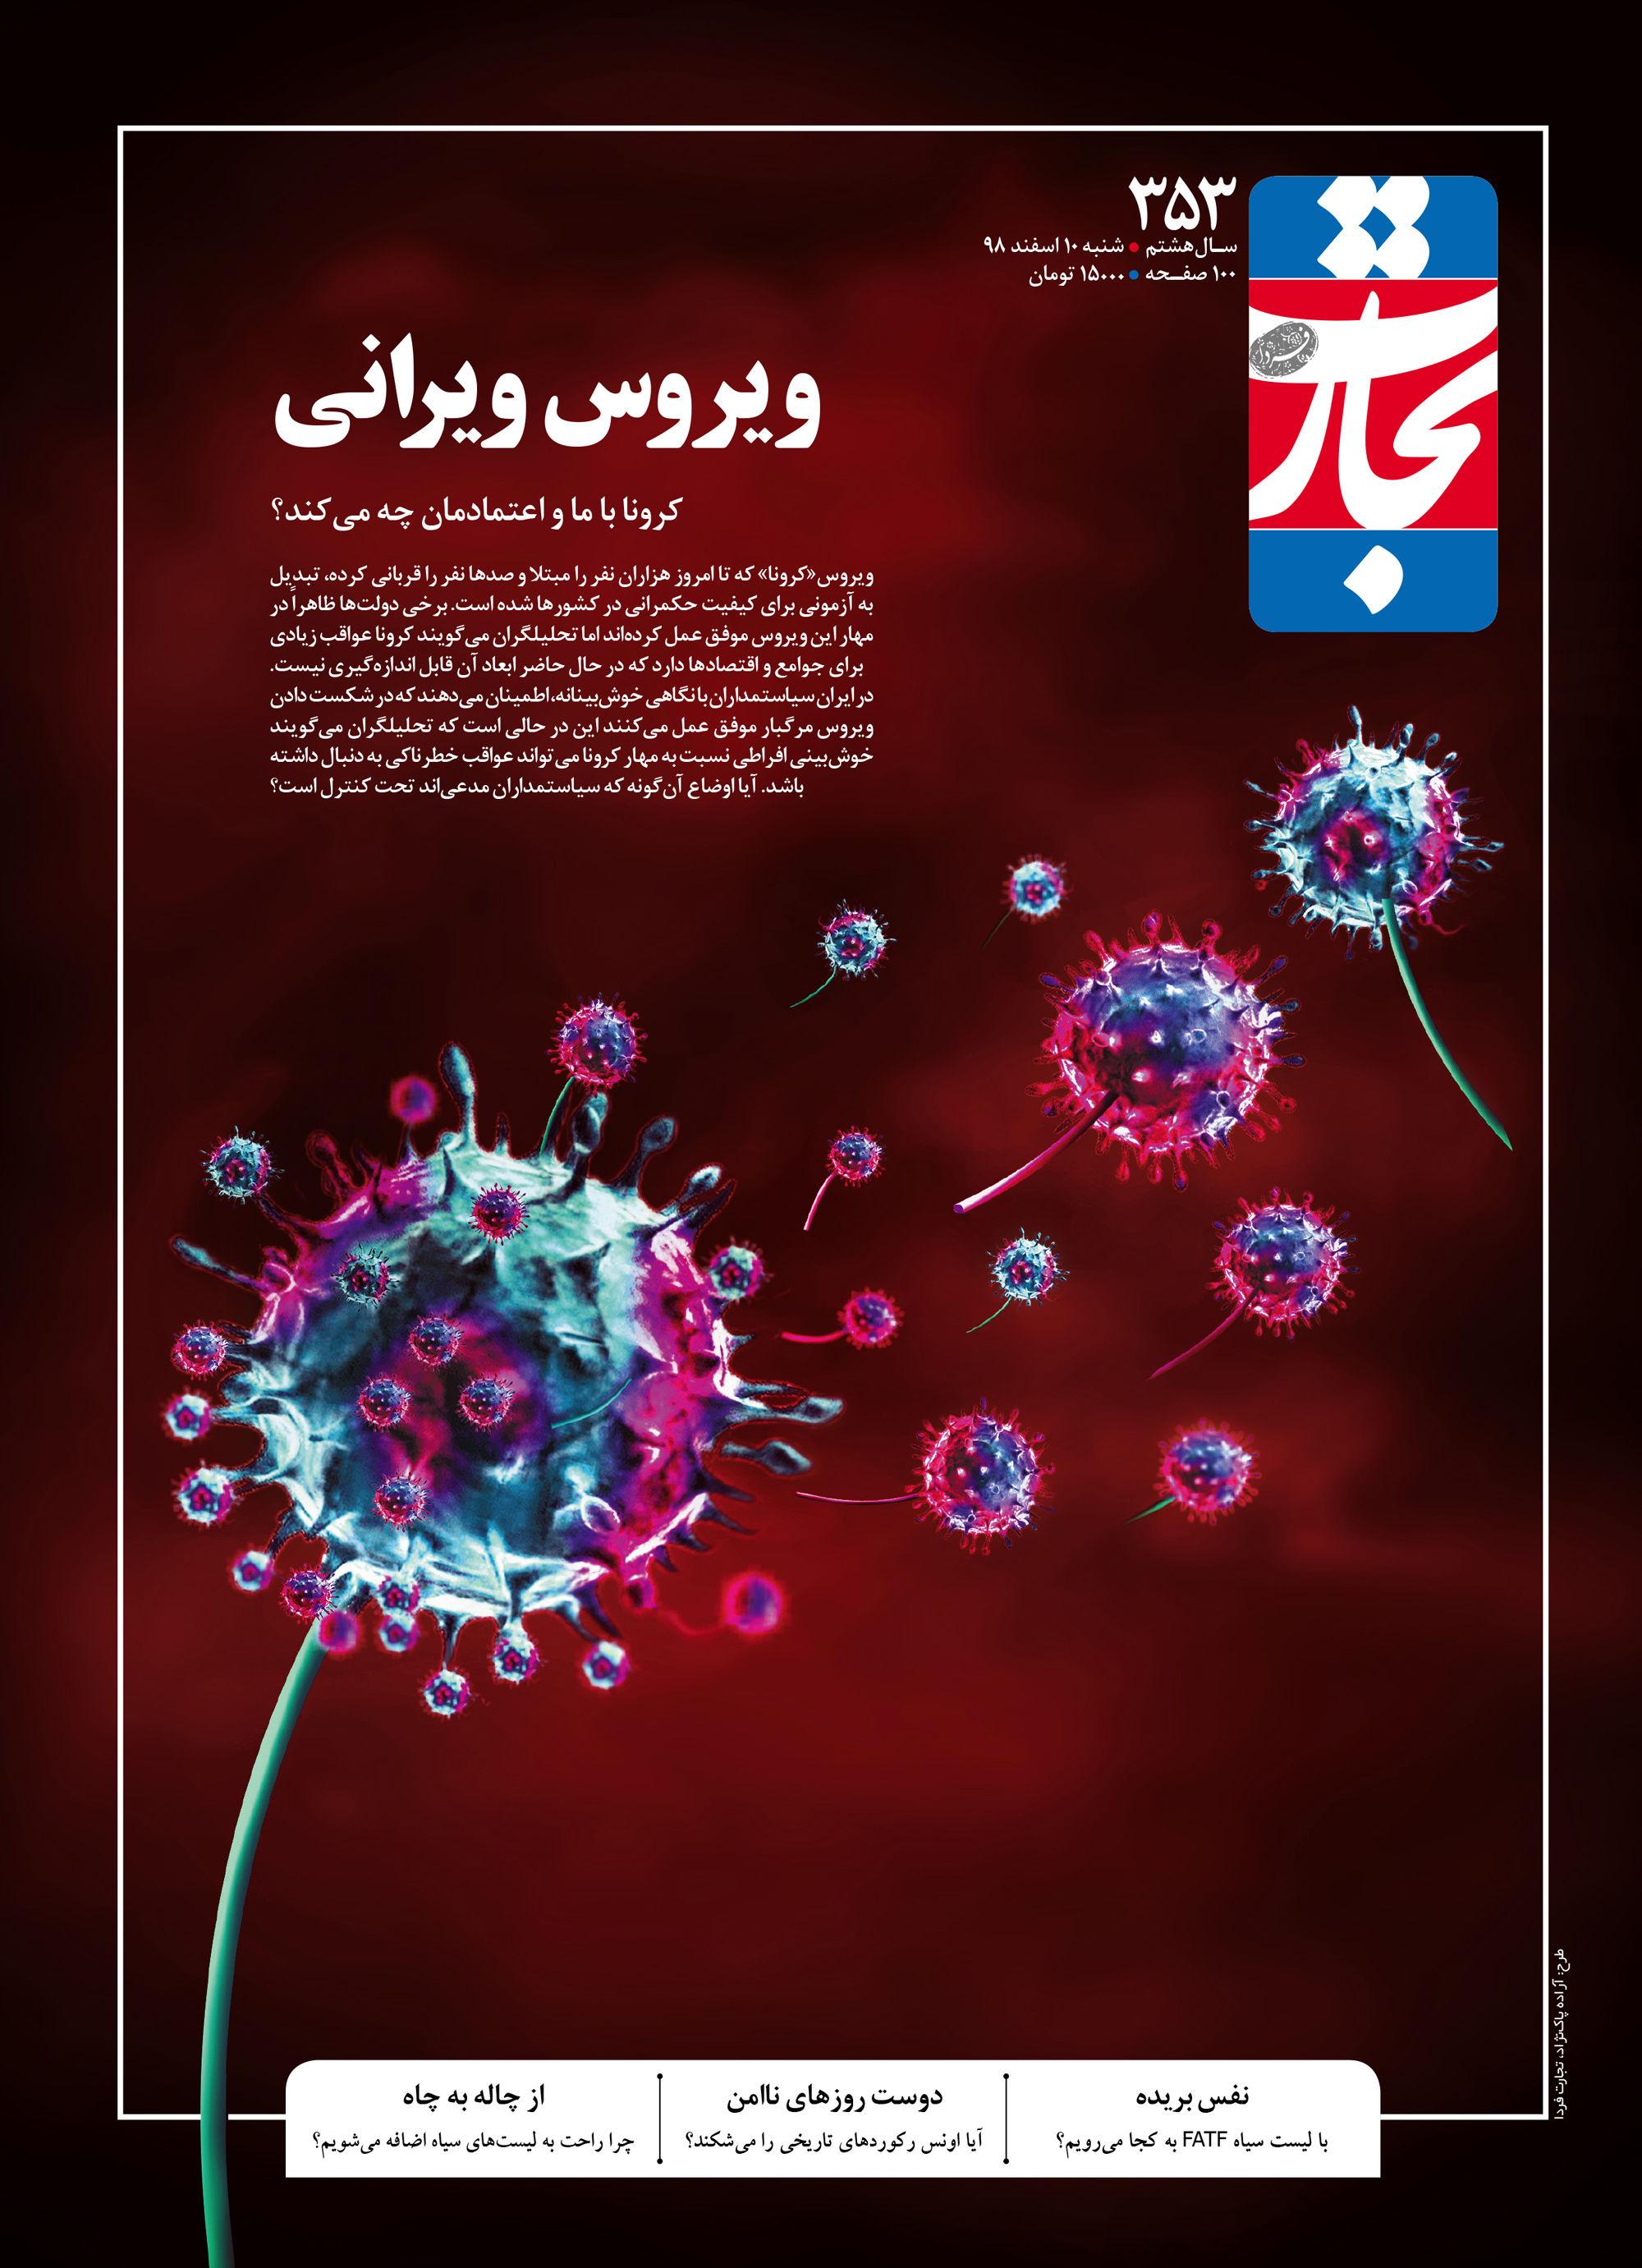 ویروس ویرانی